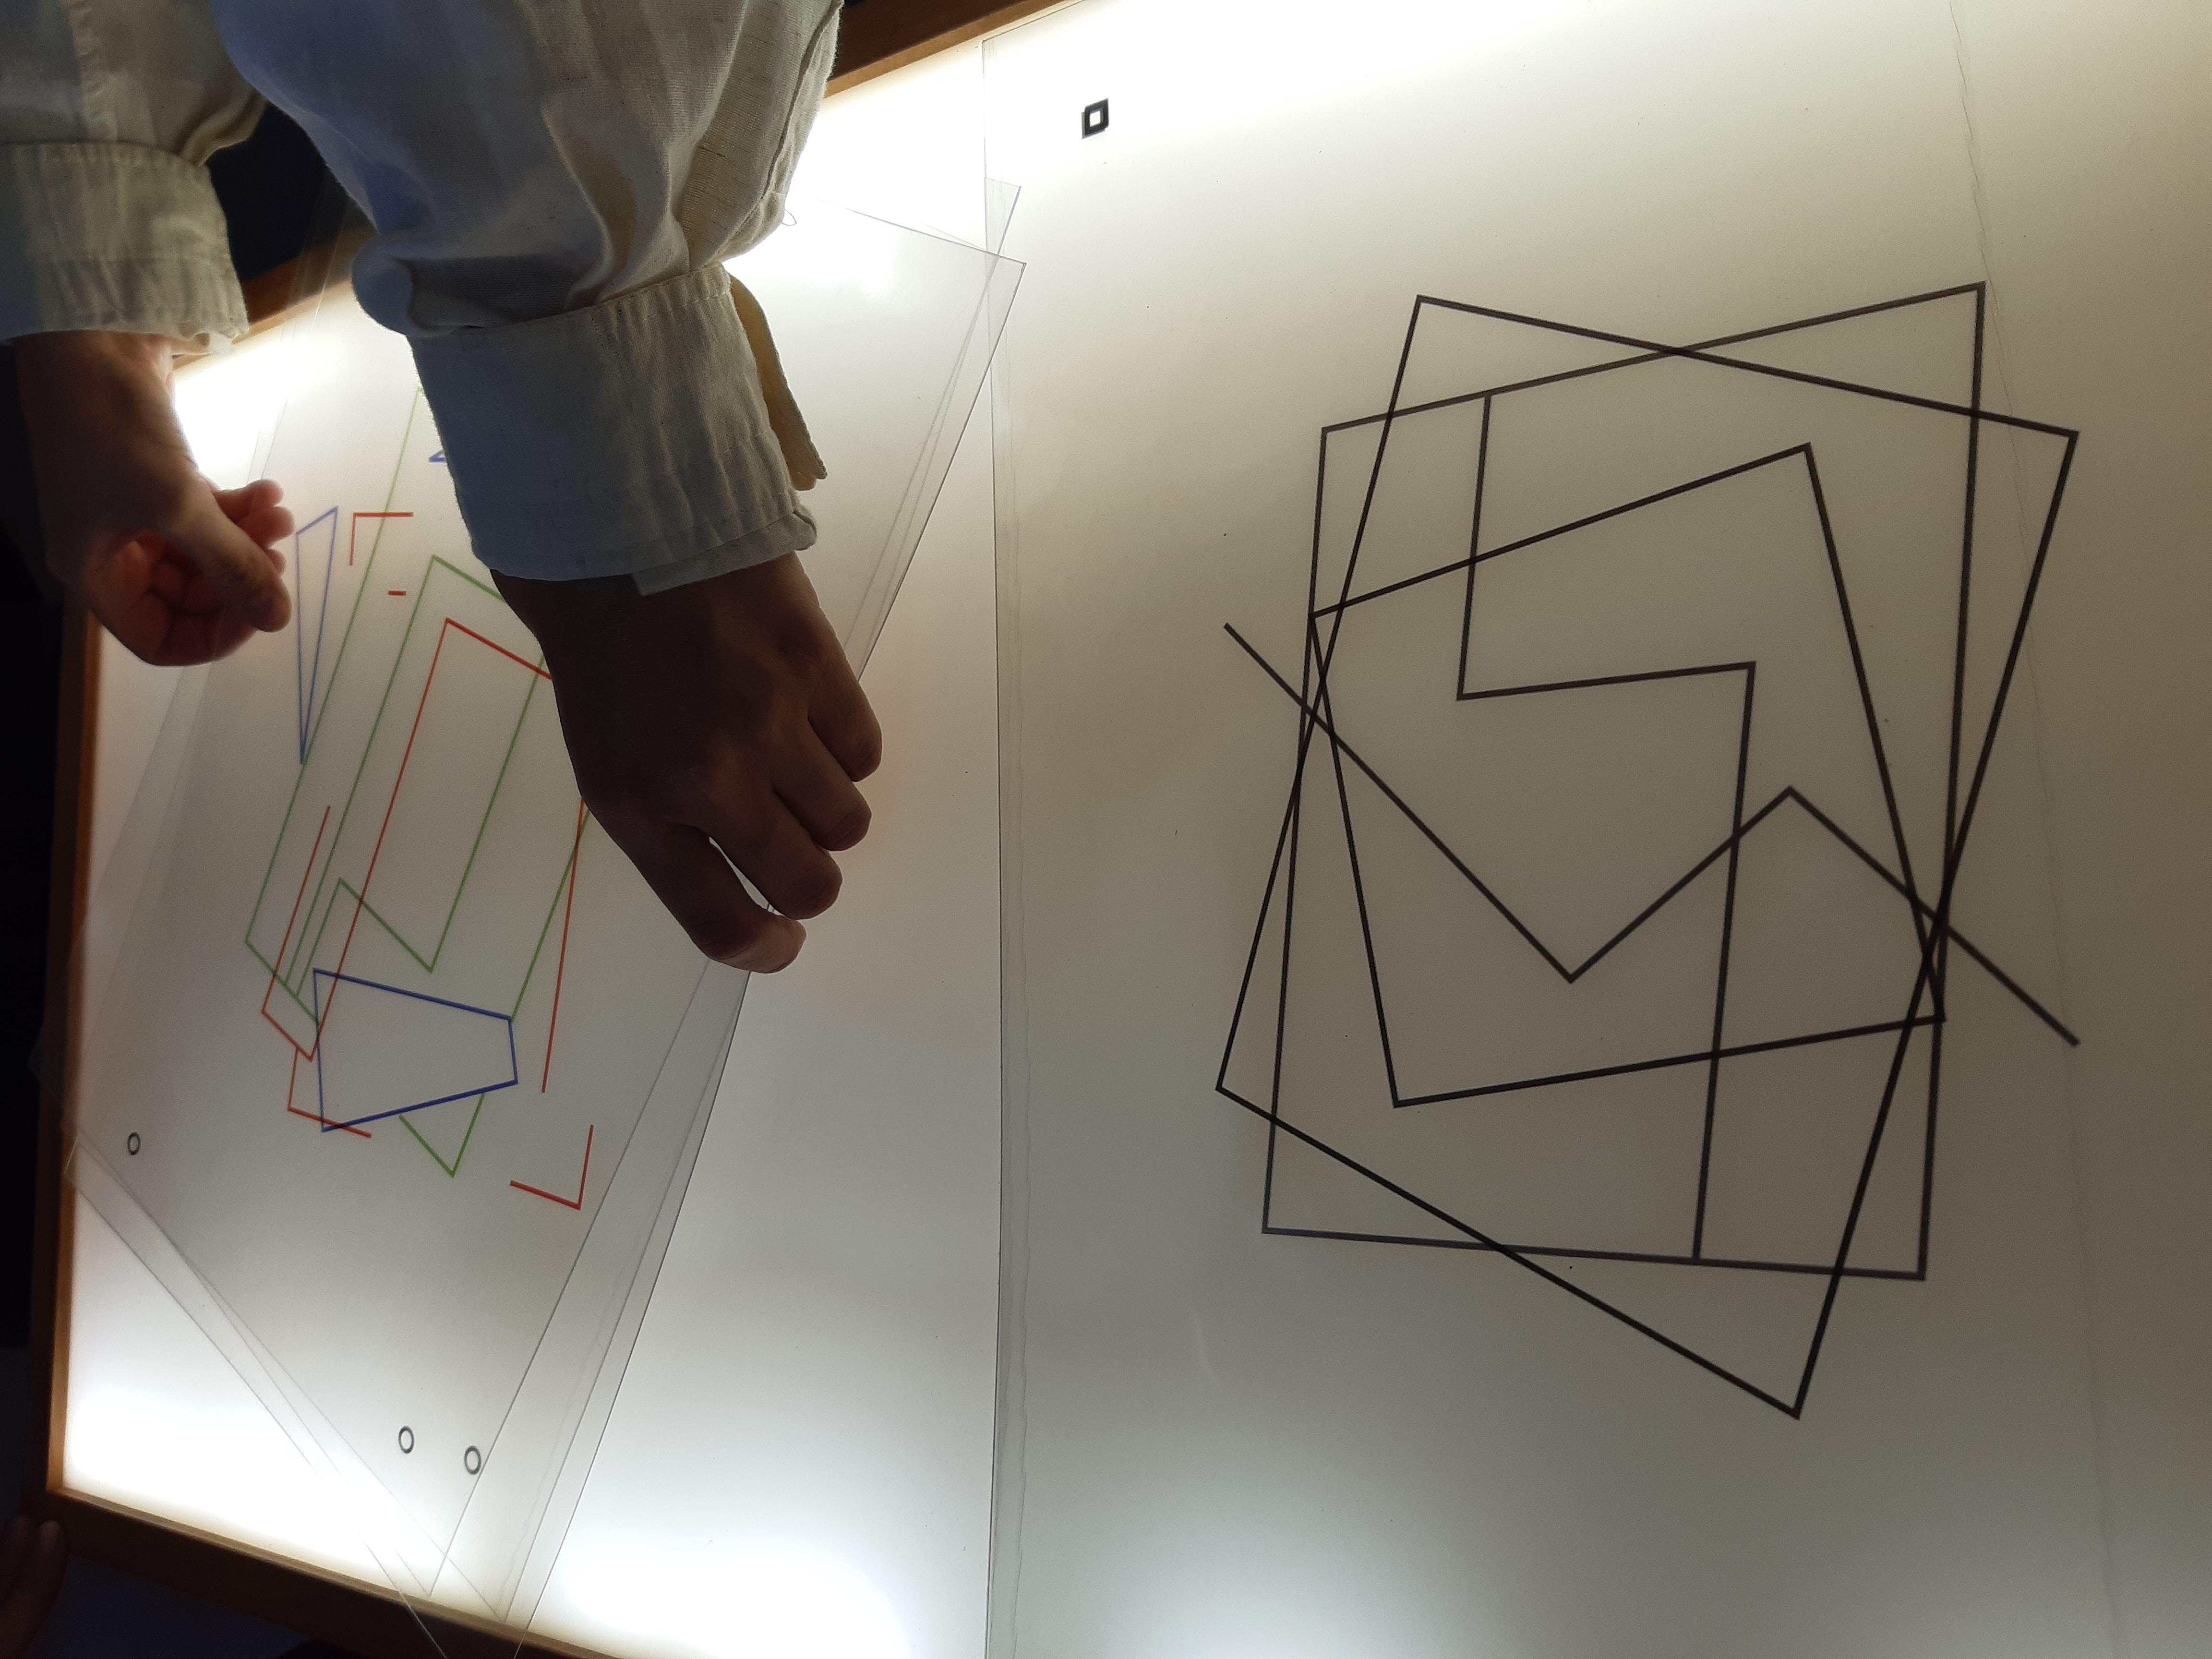 Jogo de encaixes com transparências - composição cubista